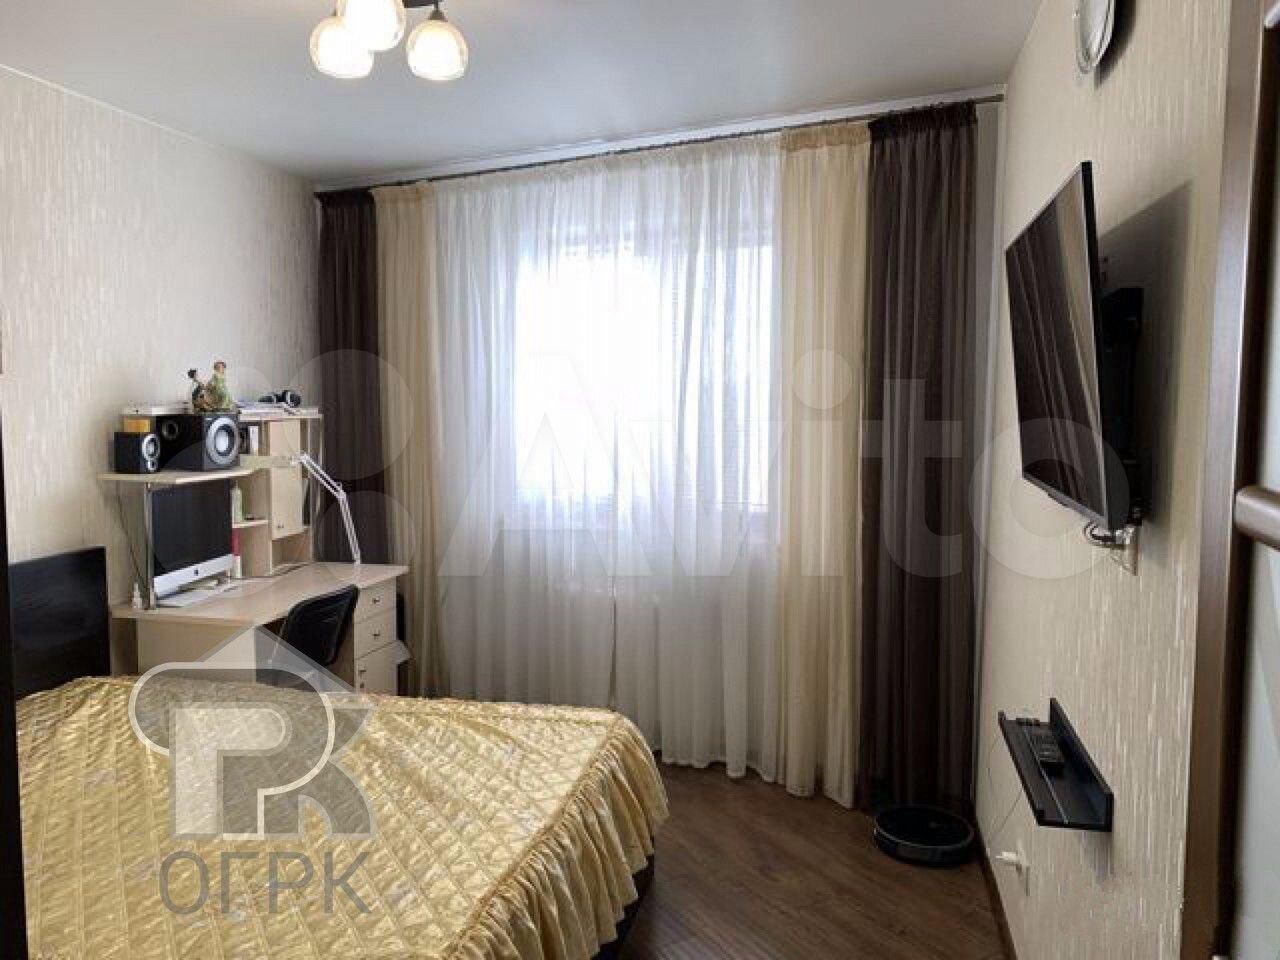 3-к квартира, 80.5 м², 13/17 эт.  89297269532 купить 6